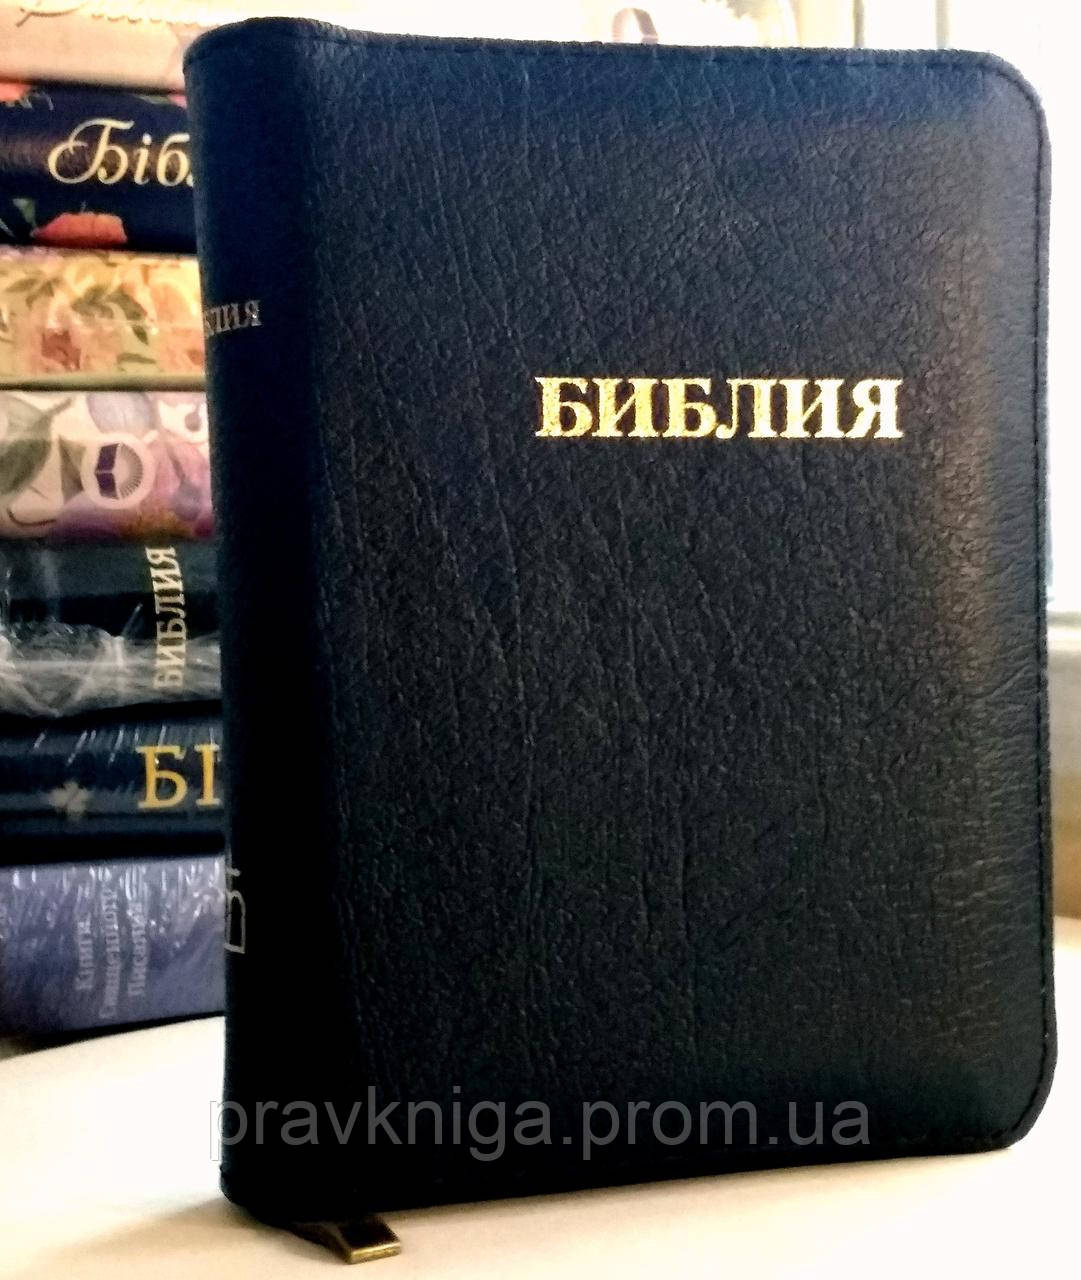 Библия меленького формата. Каноническая. На молнии